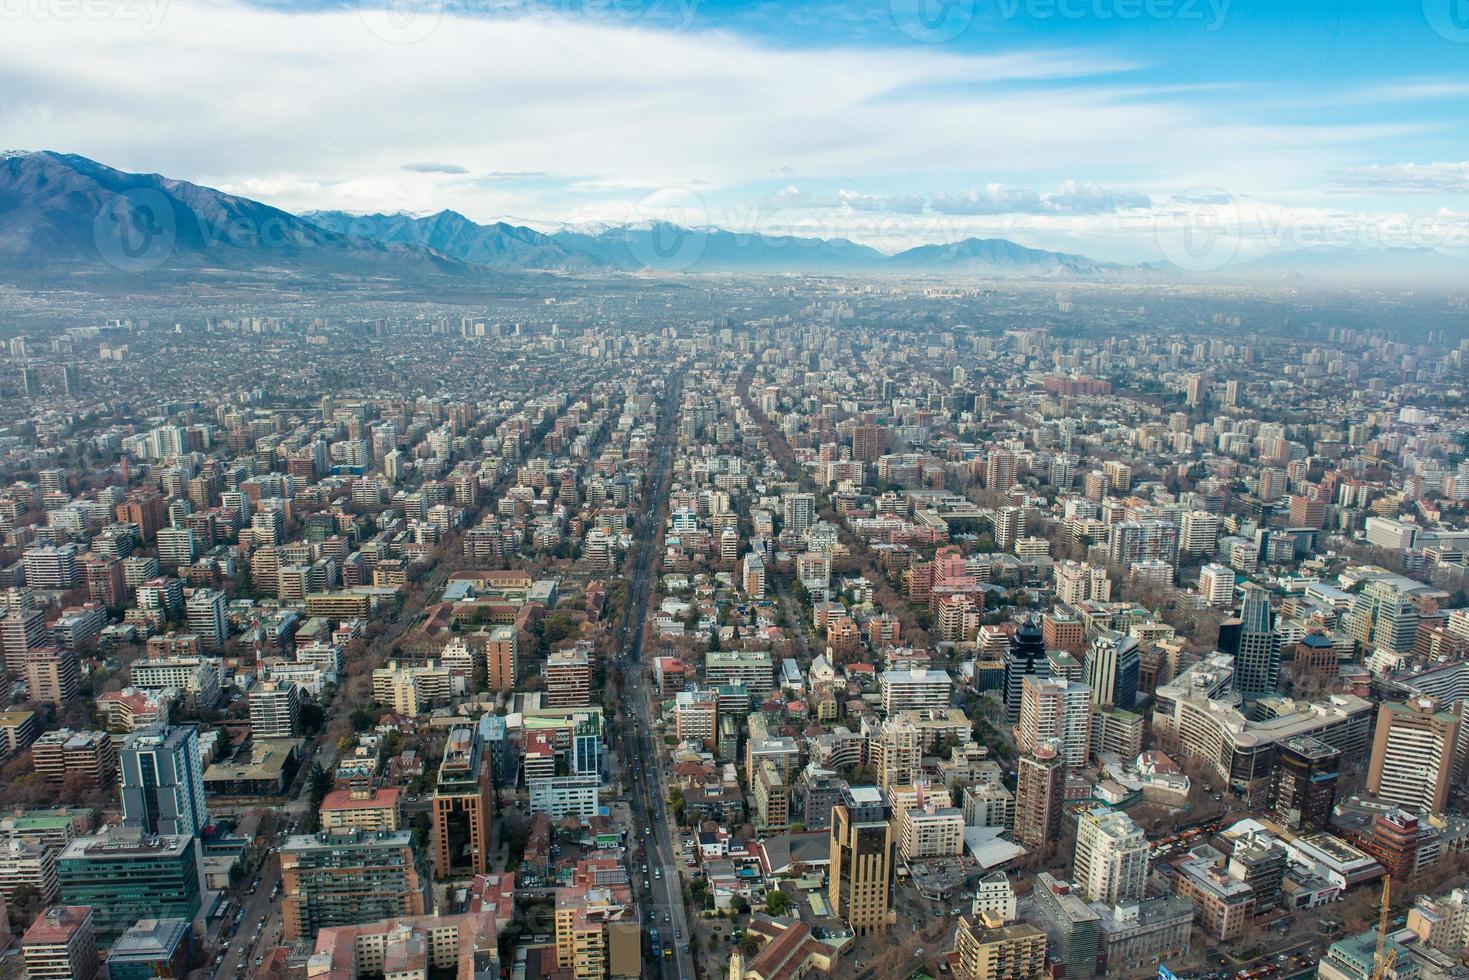 Santiago du Chili de haute altitude. paysage urbain de Santiago photo